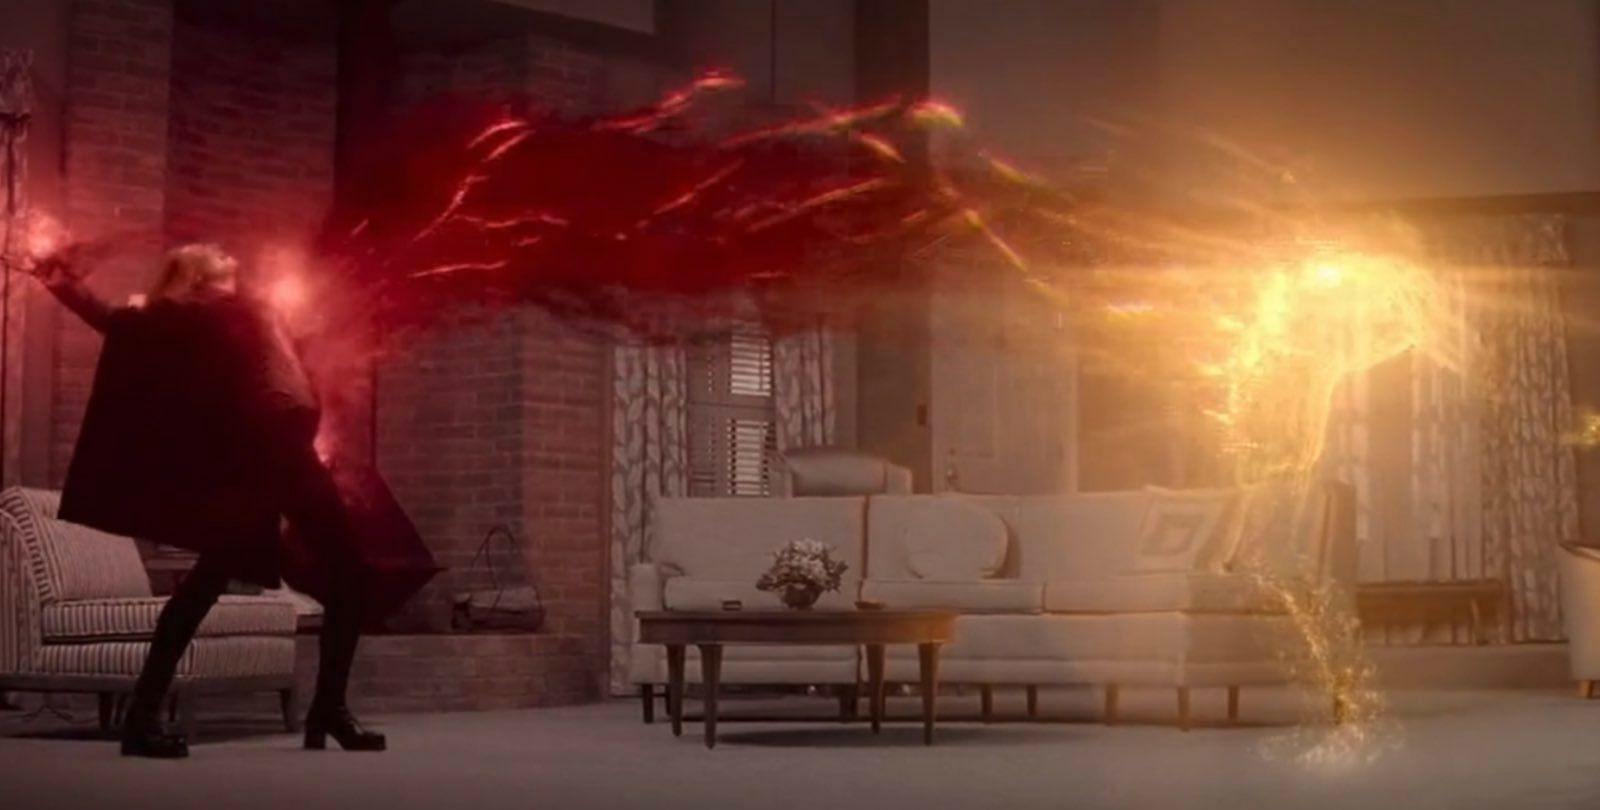 Marvel : un indice sur le méchant de Doctor Strange 2 dans WandaVision ? - ÉcranLarge.com